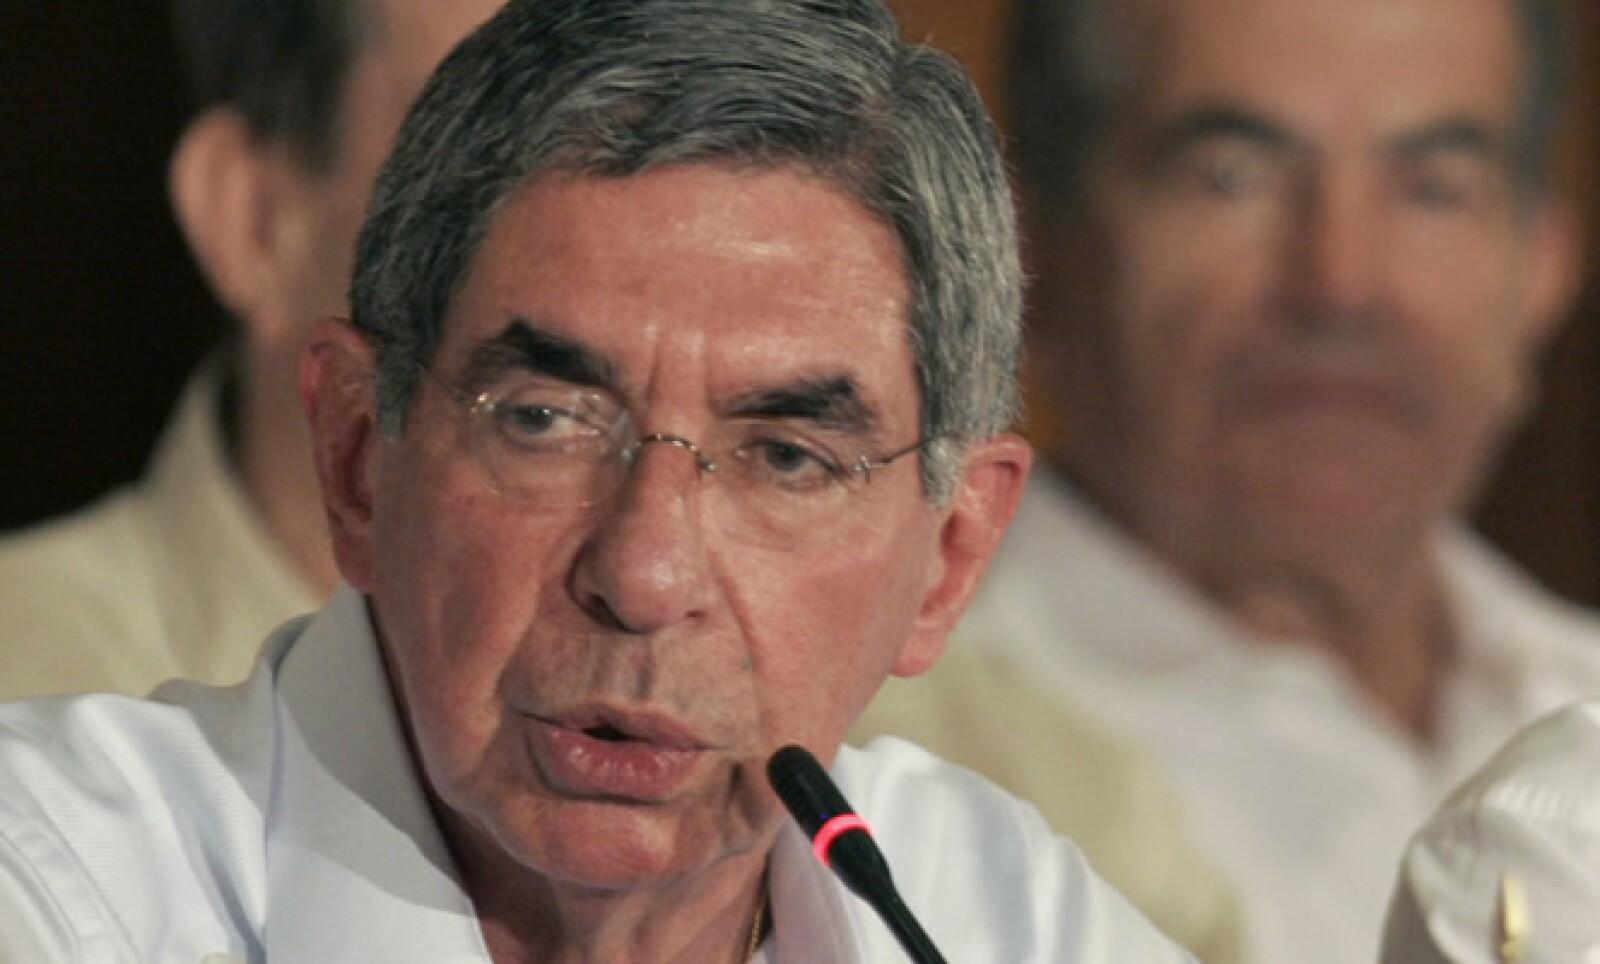 El presidente de Costa Rica, Oscar Arias, fue diagnosticado con el virus de gripe H1N1 el 11 de agosto. El mandatario fue puesto en cuarentena inmediatamente, aunque está bien.